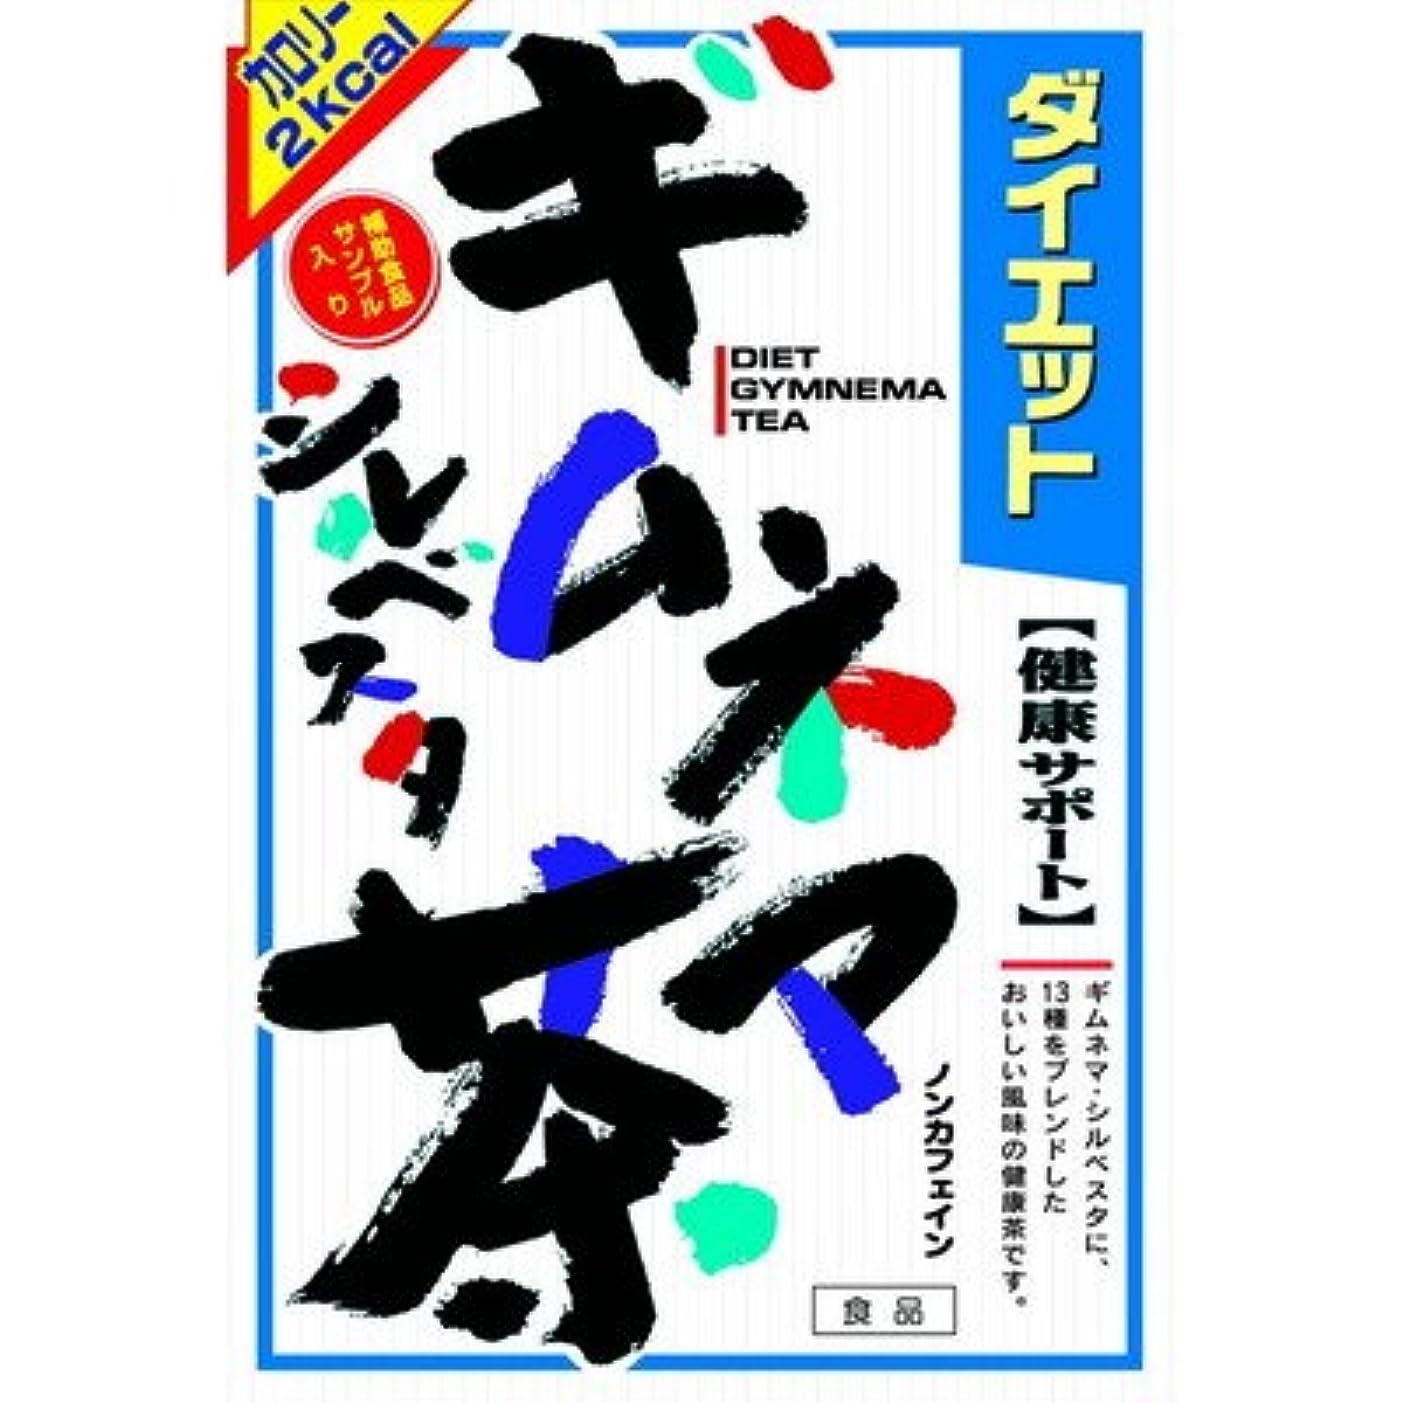 個人眼苛性山本漢方 ダイエットギムネマシルベスタ茶 8g x 24包【2個セット】